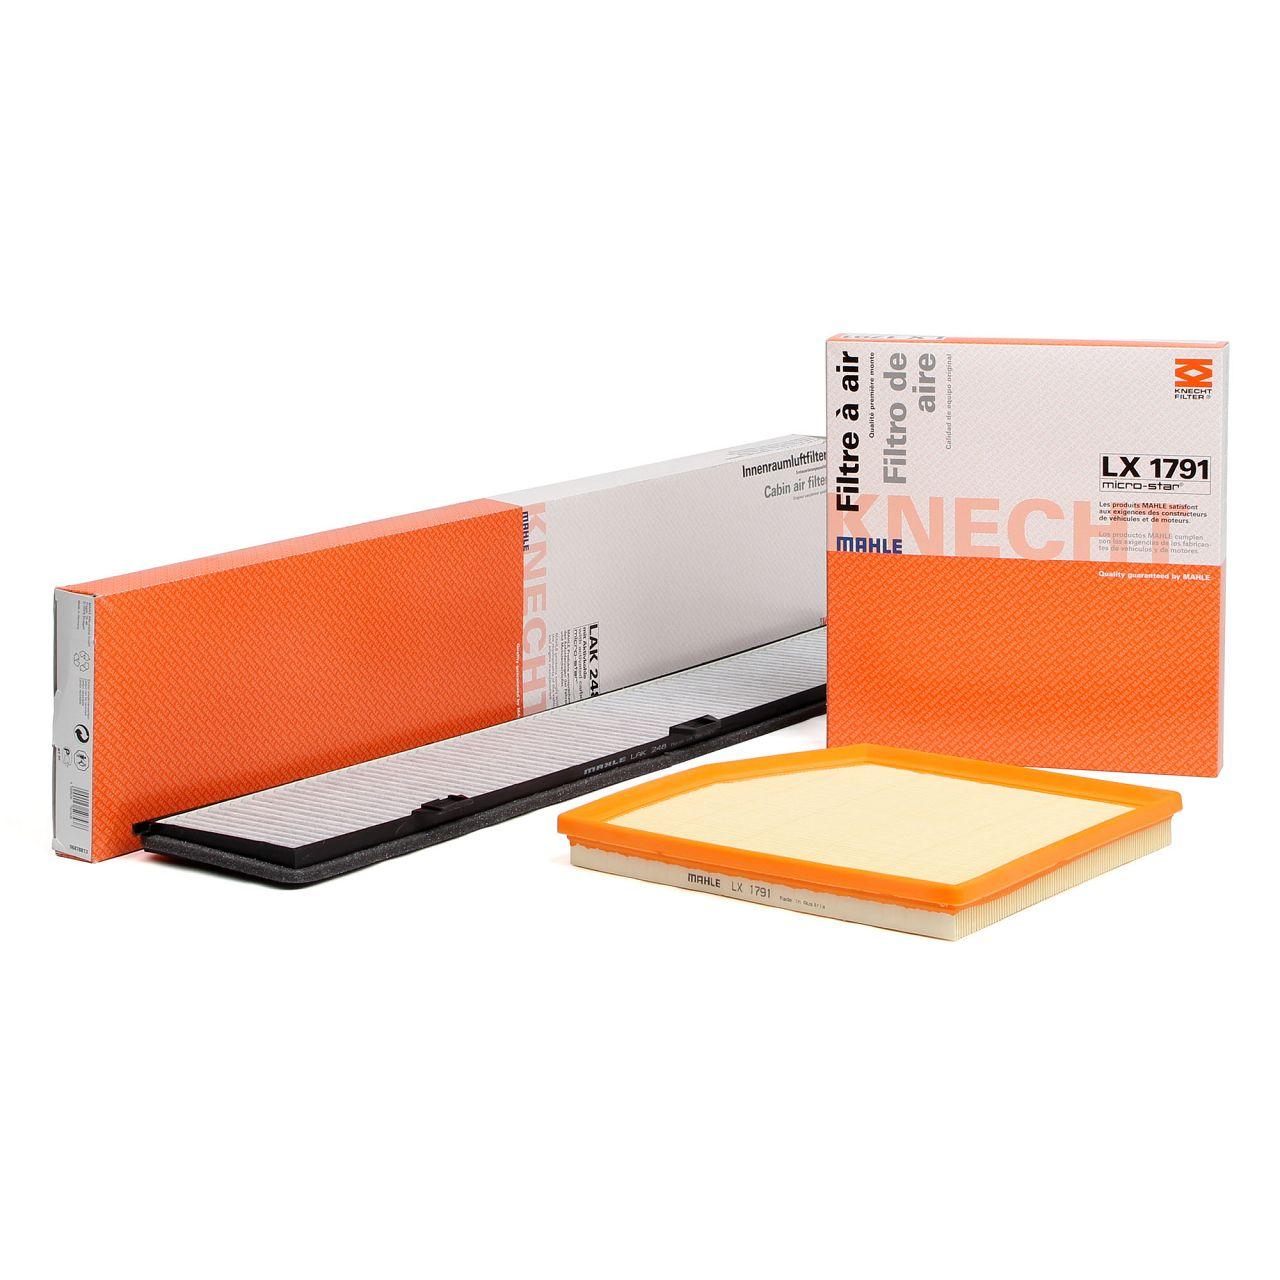 KNECHT / MAHLE Filterset für BMW 1er E82 E88 135i 3er E90-93 335i 306/326 PS